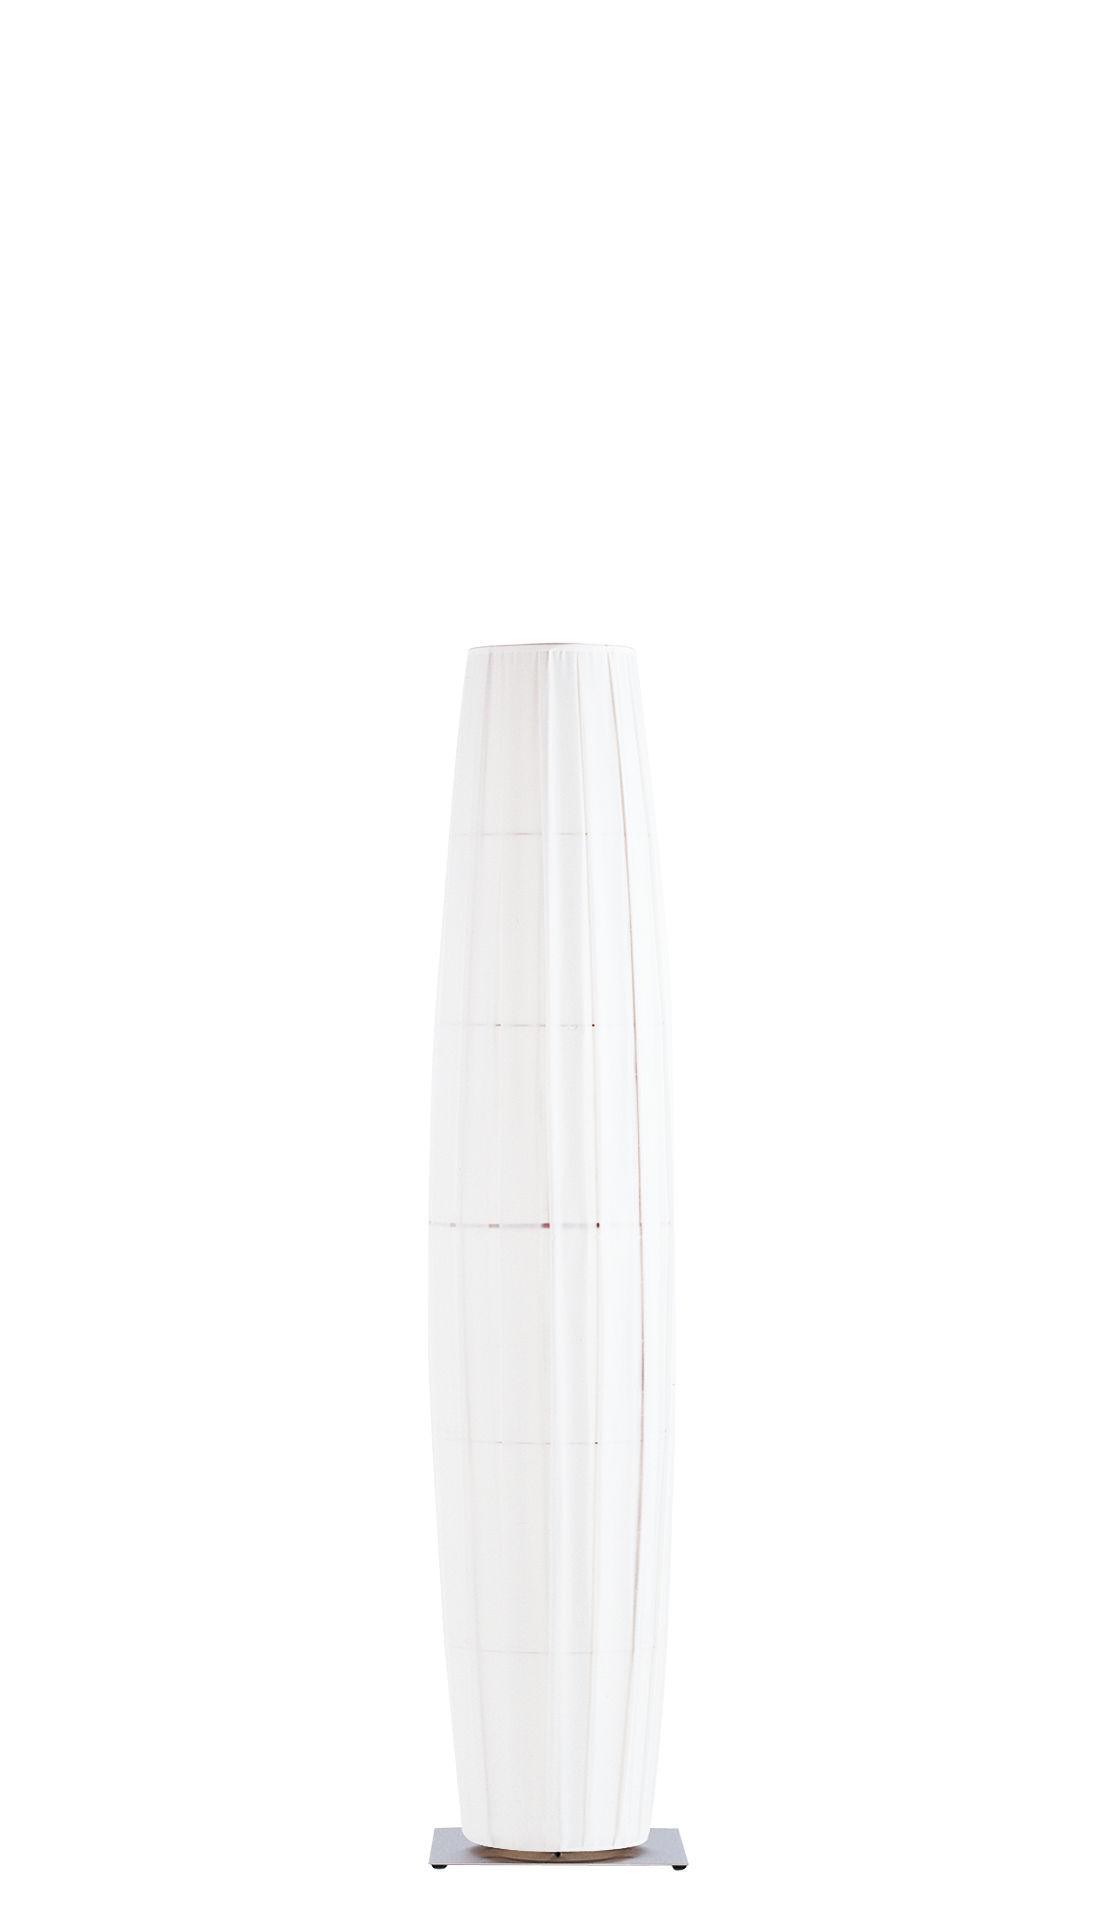 Illuminazione - Lampade da terra - Lampada a stelo Colonne - H 190 cm di Dix Heures Dix - Bianco - Base in acciaio inox spazzolato - Acciaio satinato, Tessuto poliestere